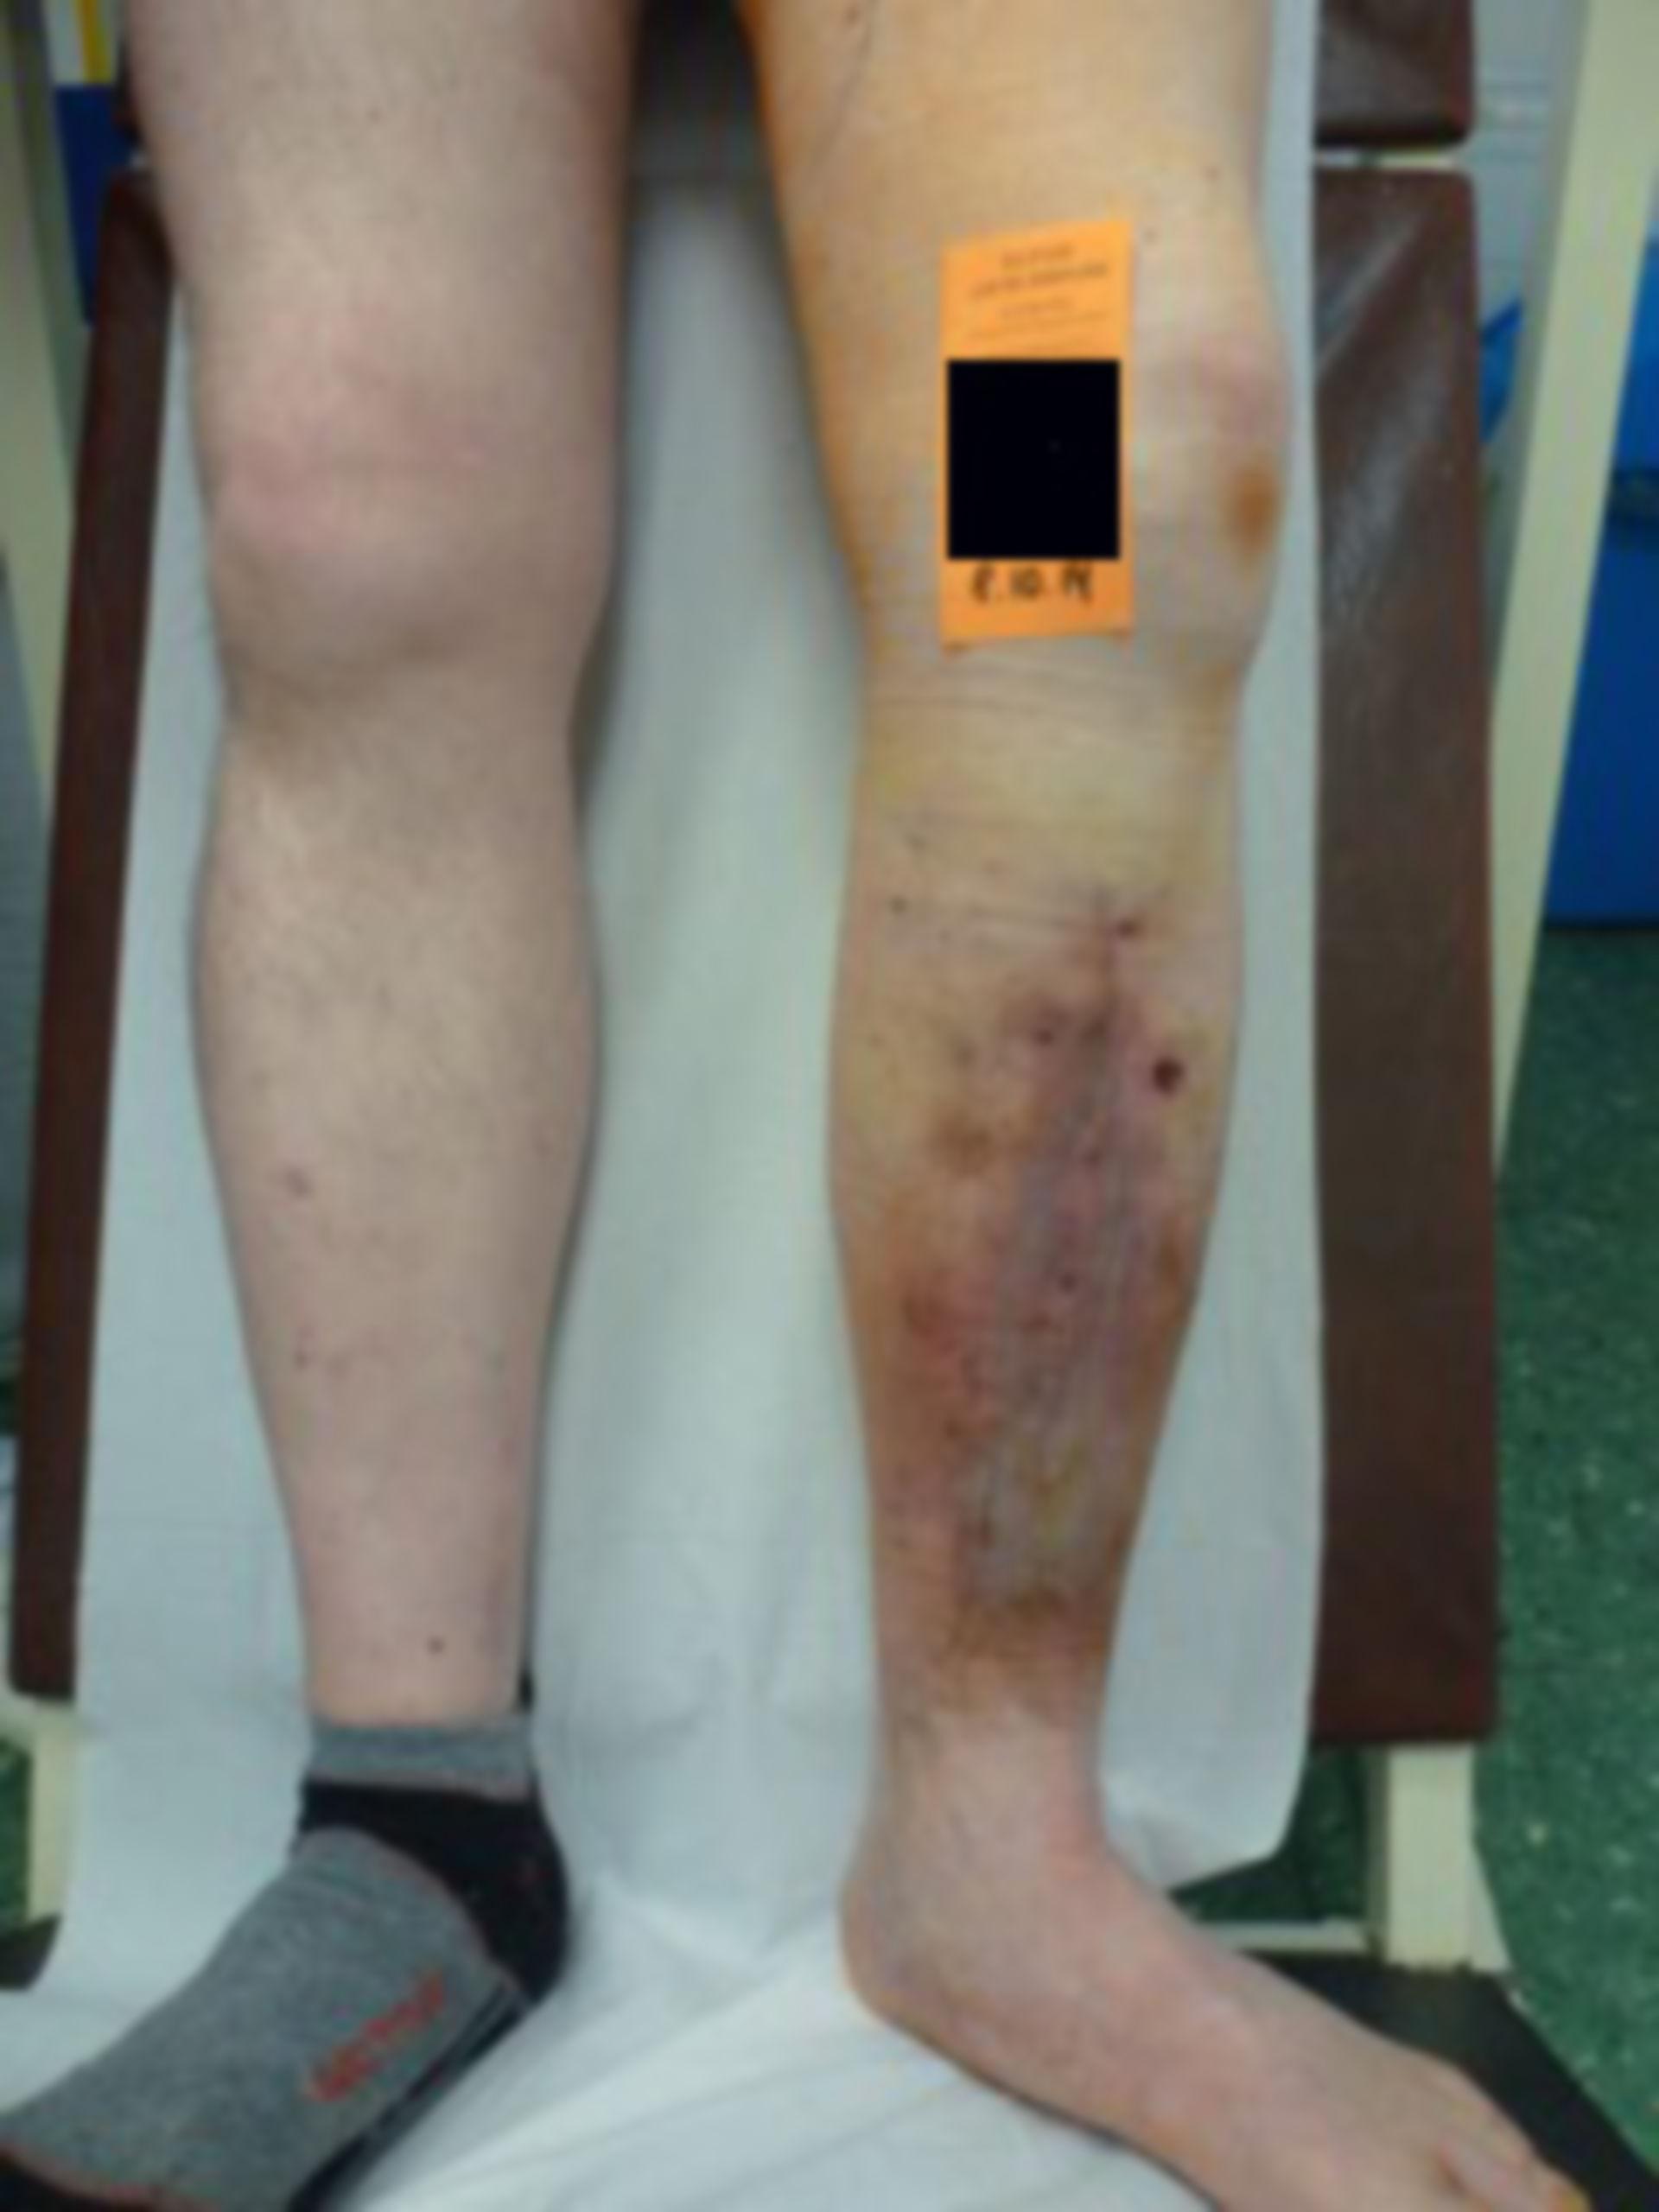 Úlcera de la pierna - abierta por 20 años: día 9 después de la operación (13)